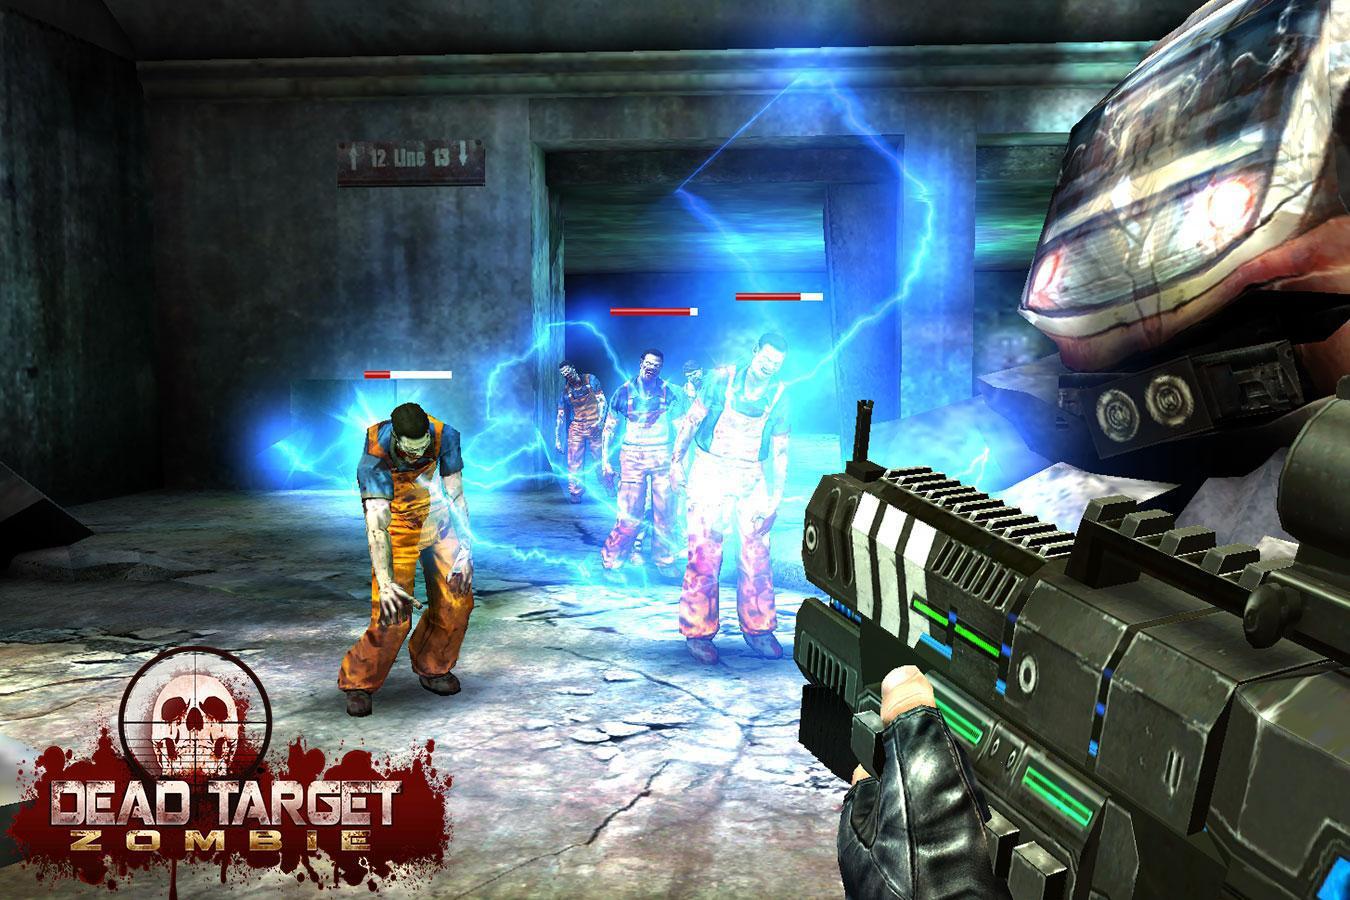 死目标:殭尸 游戏截图4